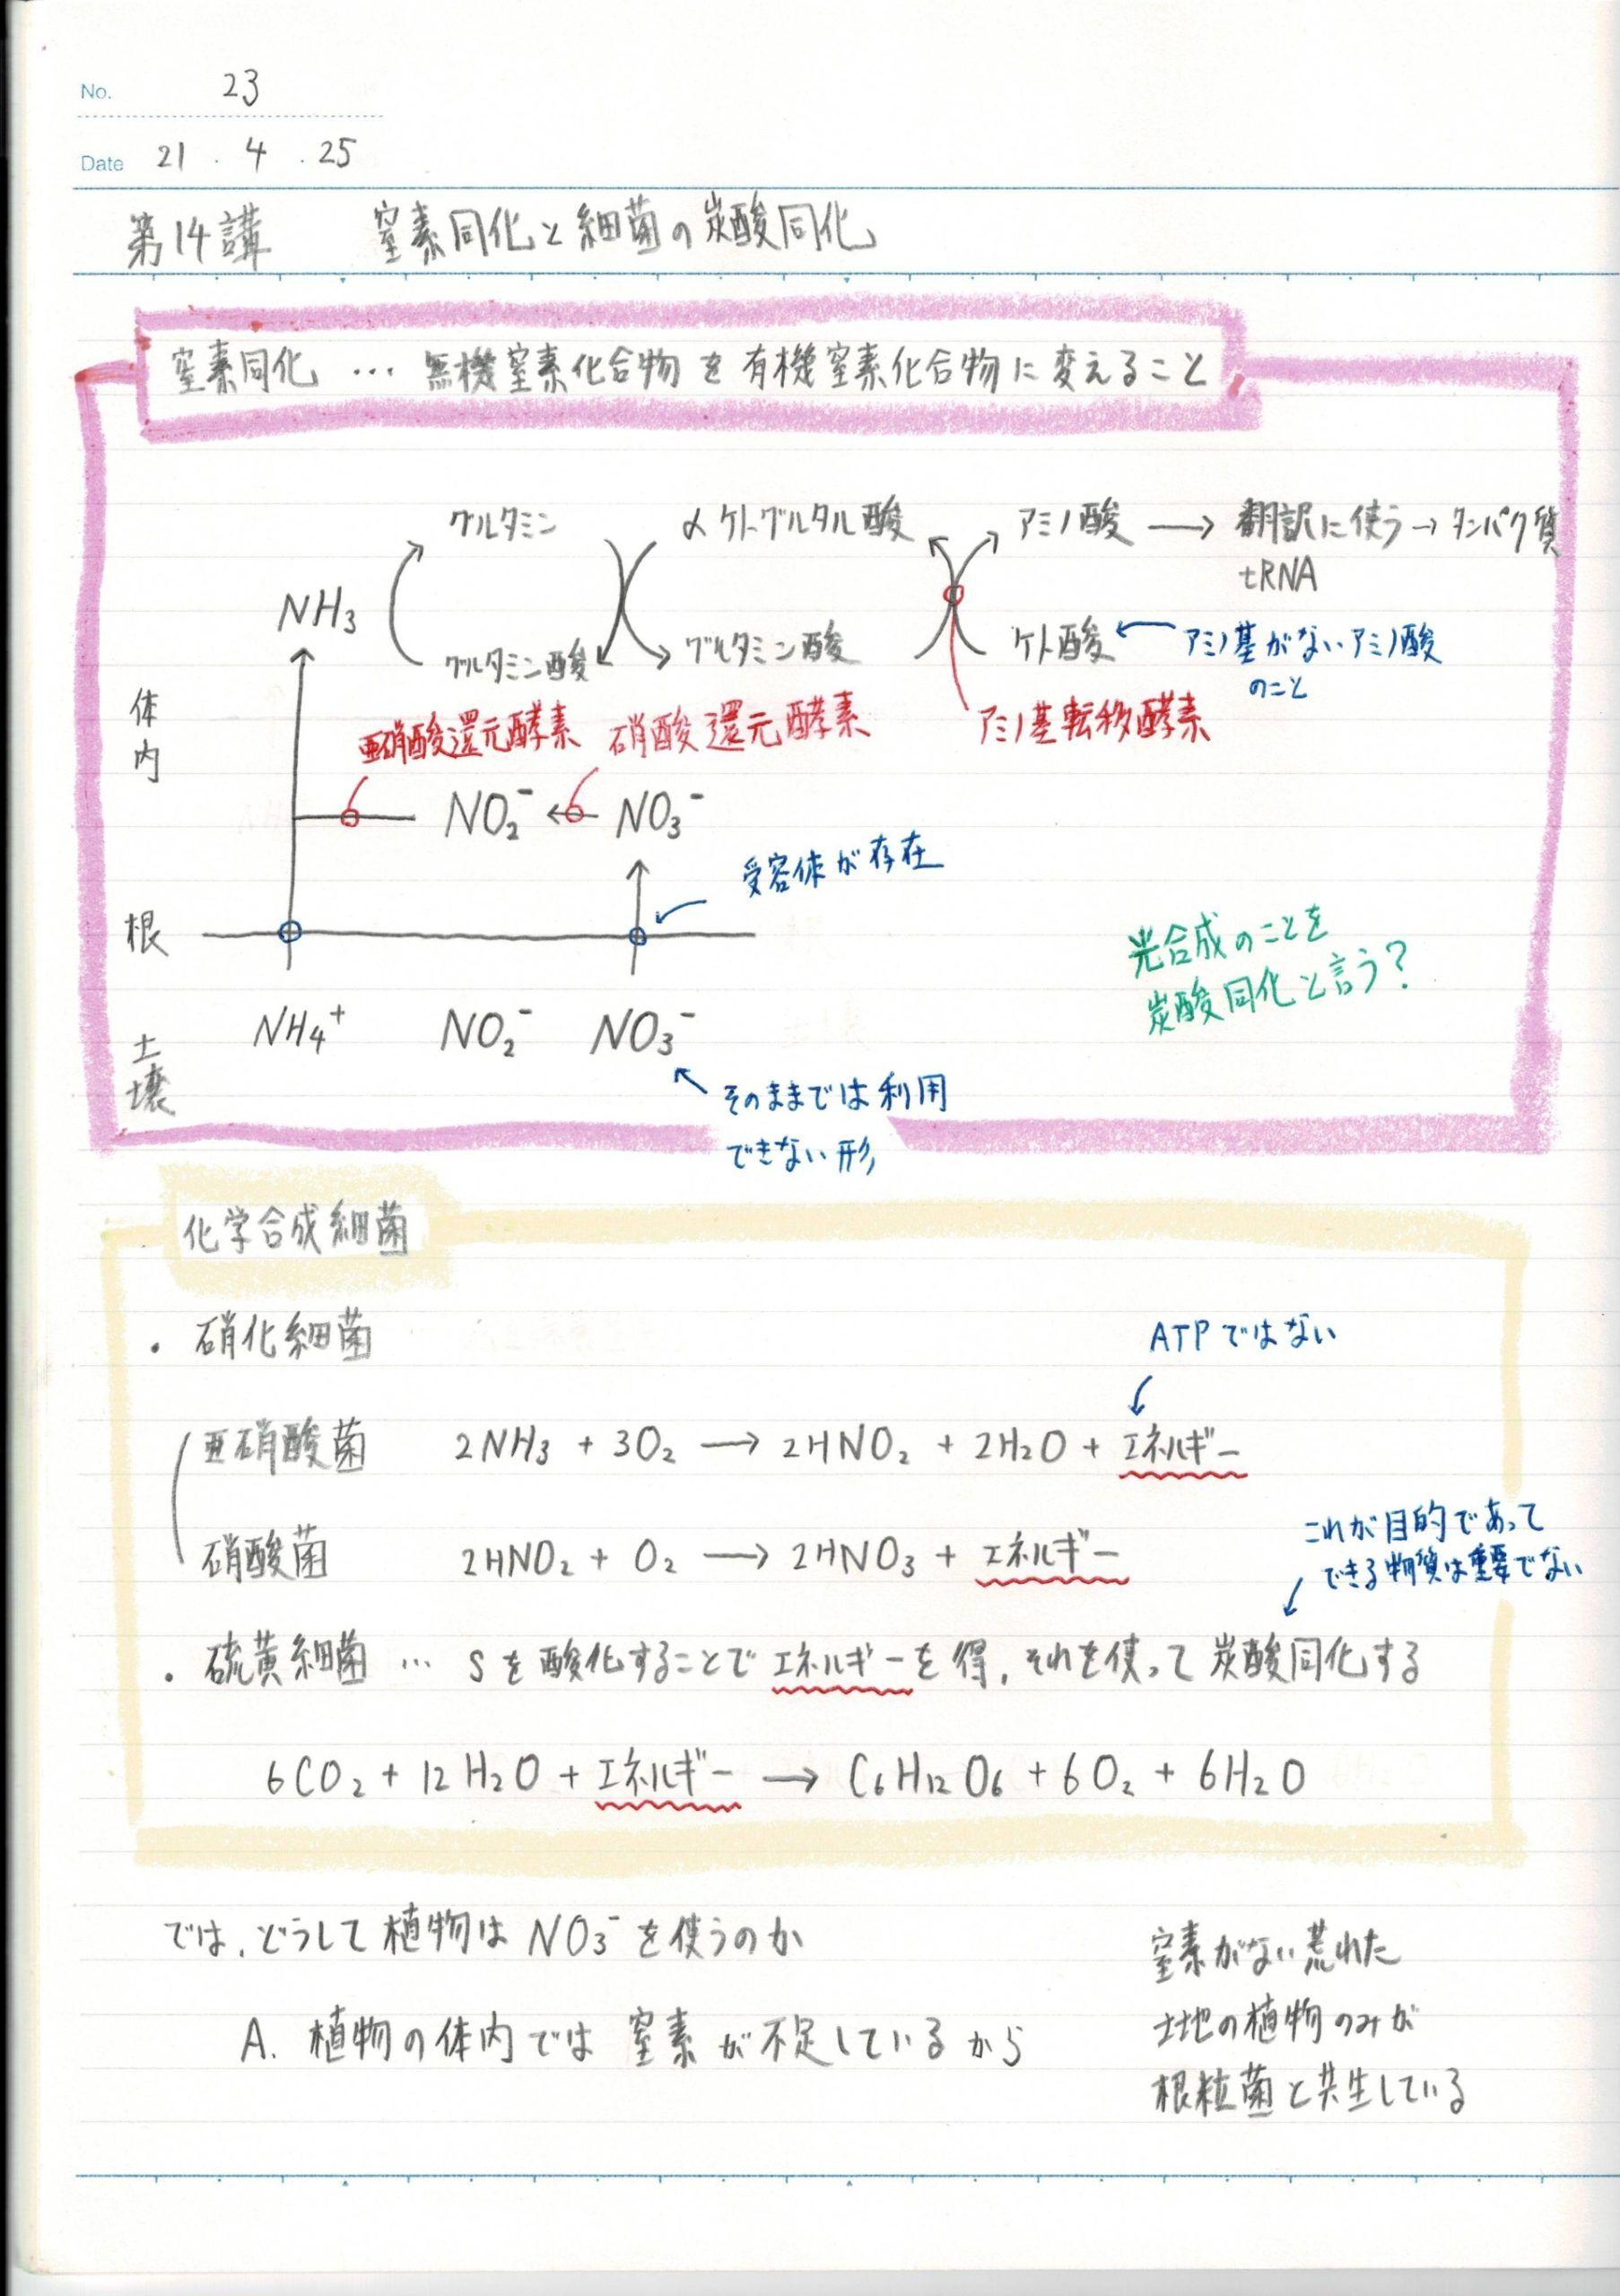 蛍光ペンで囲んだ理科ノート